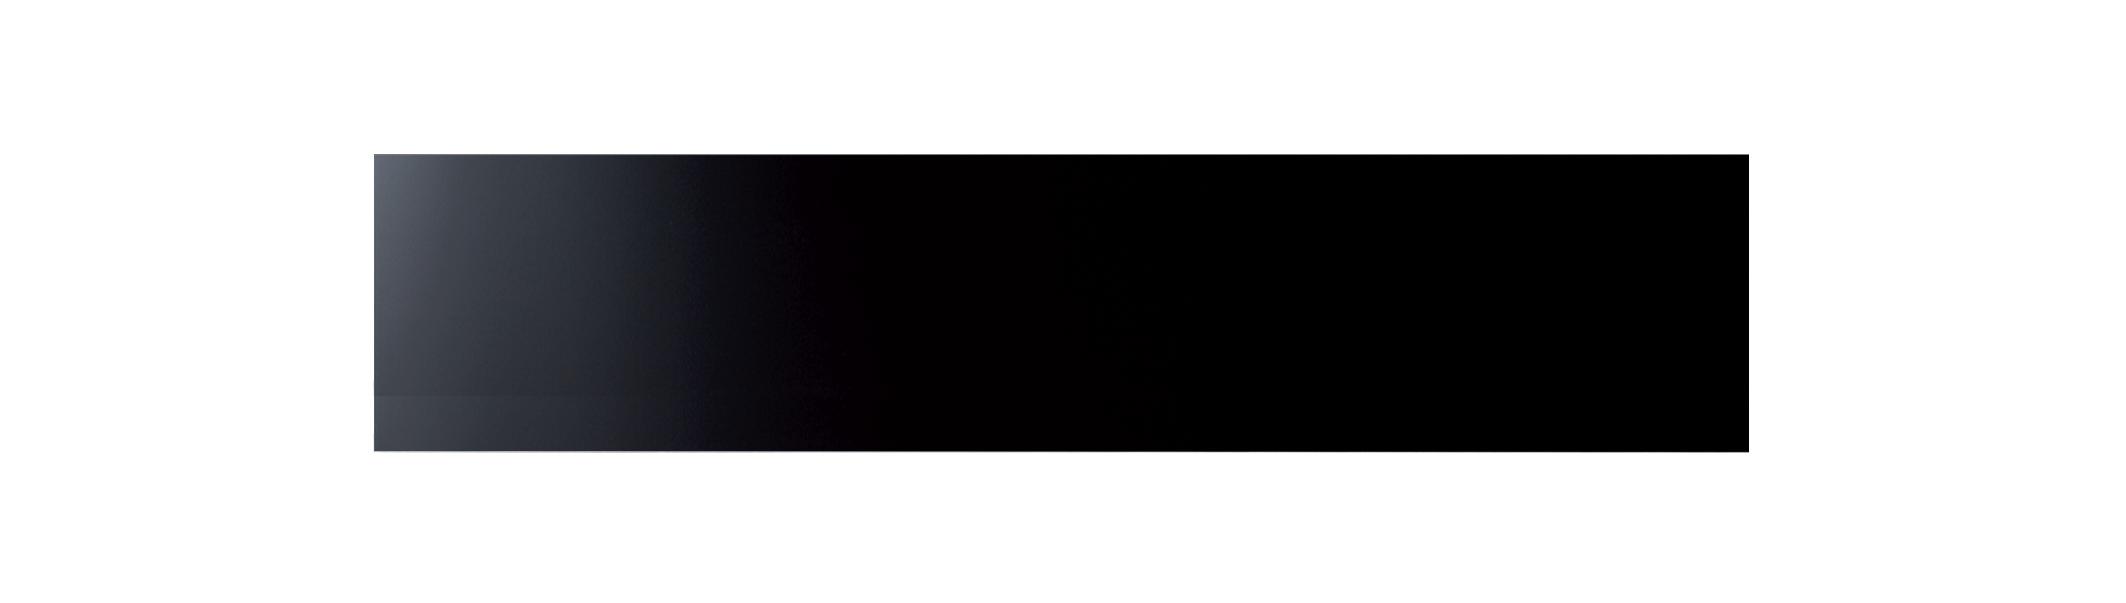 Glasfront Schwarz Zub. Nr. ZV 8020